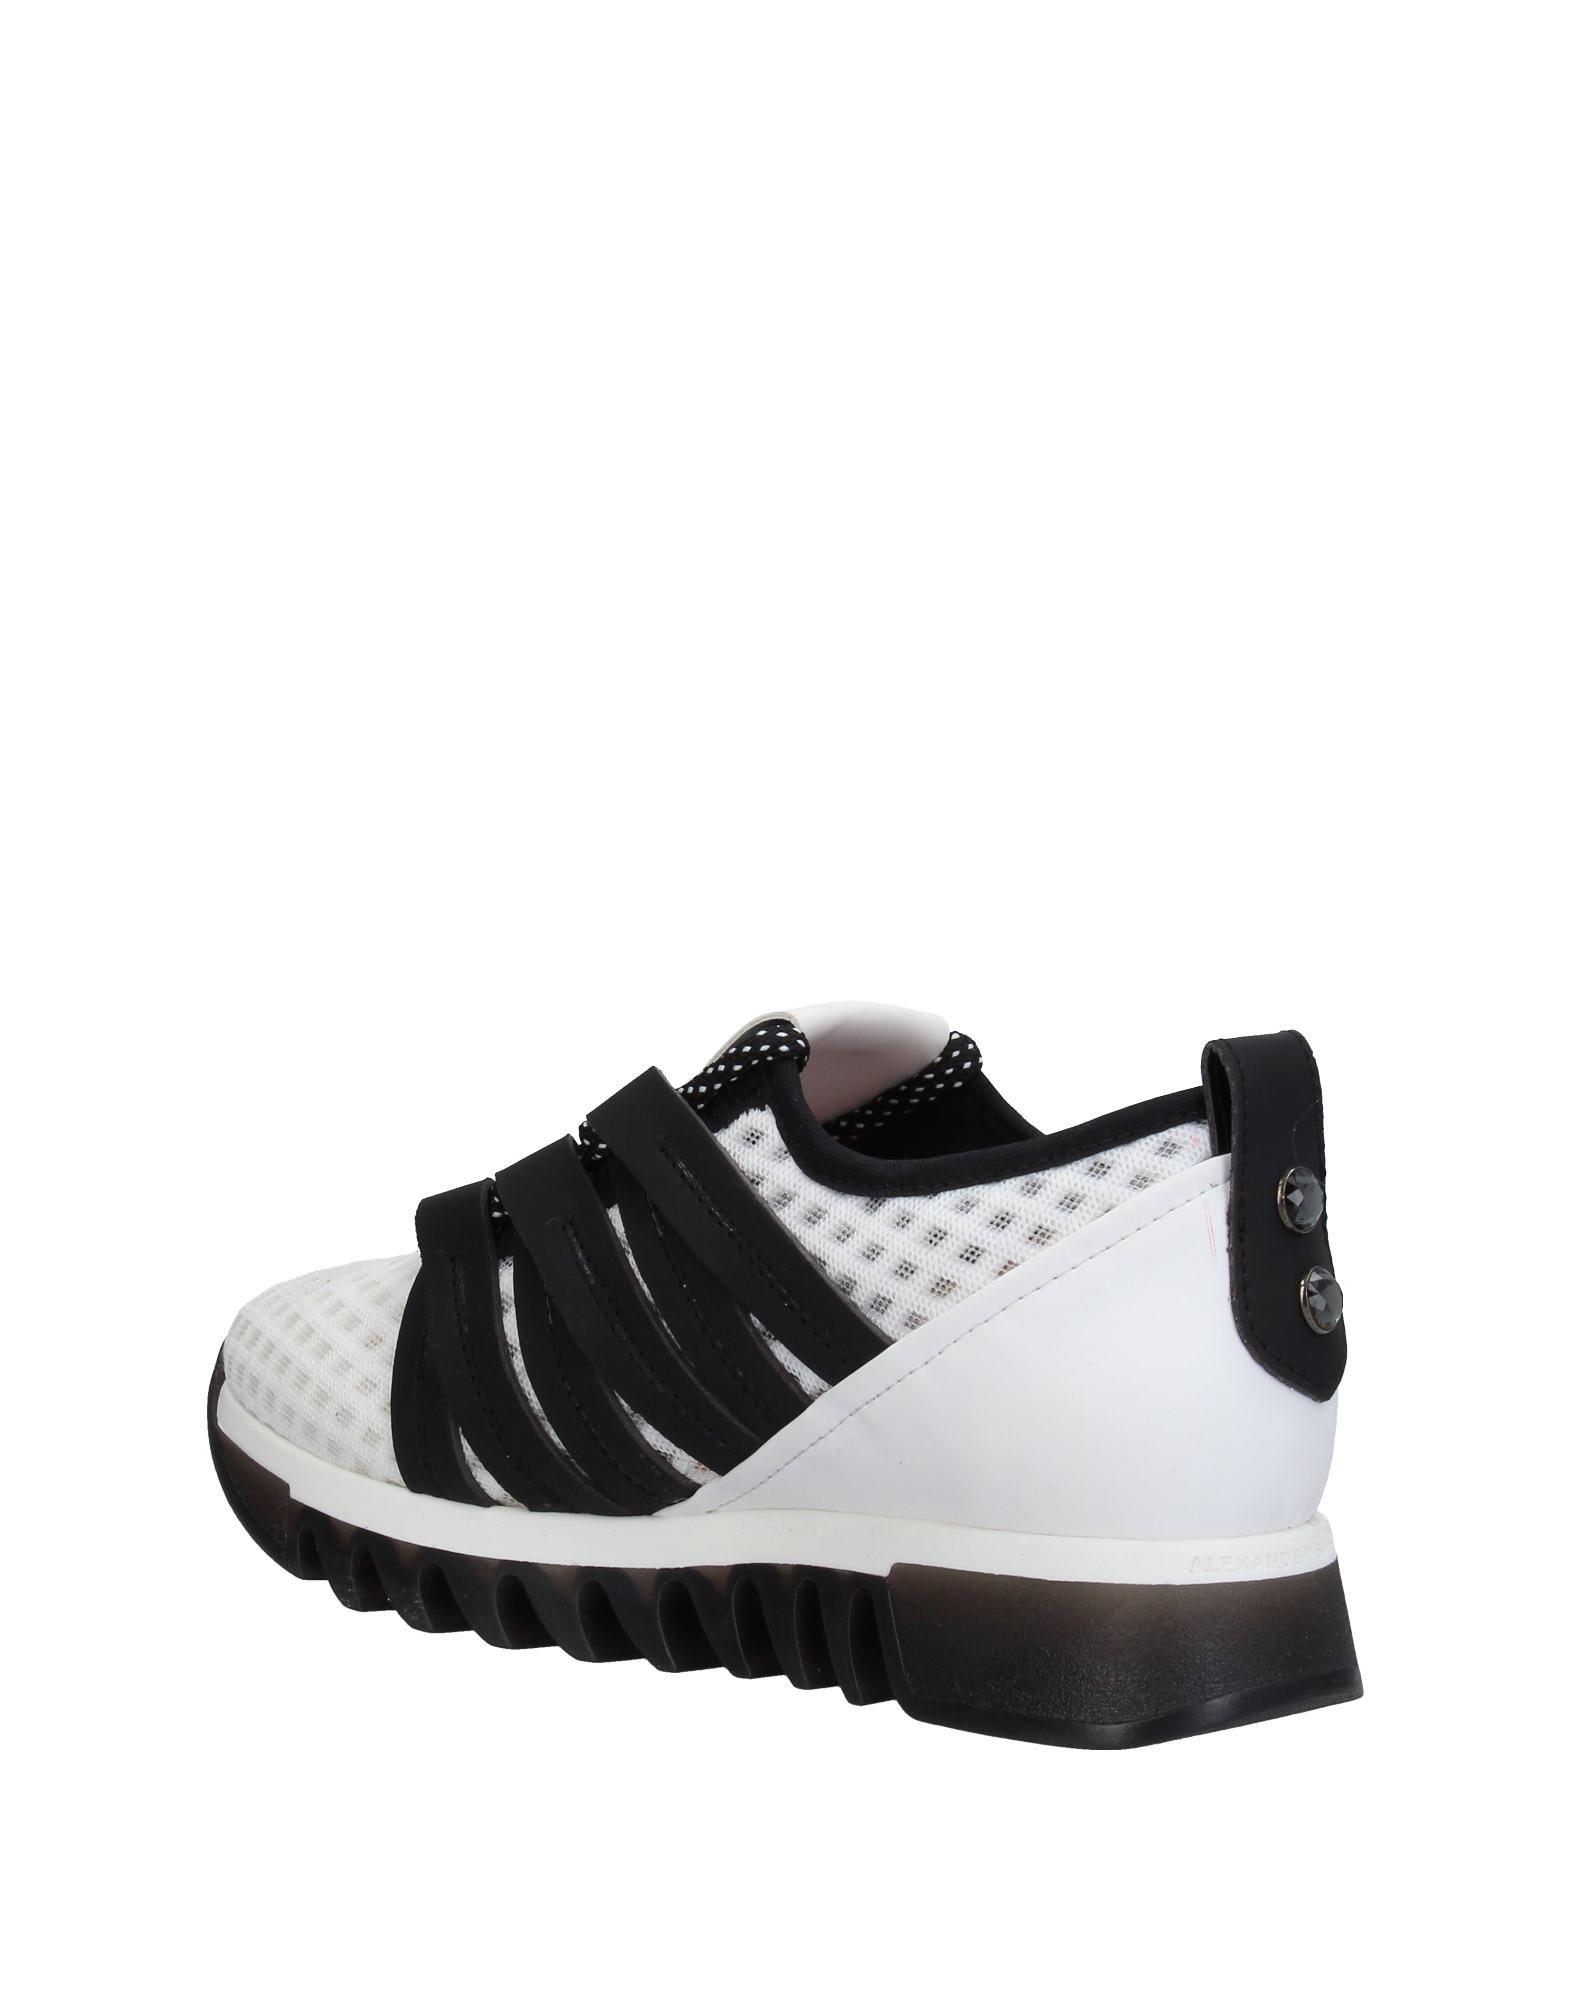 Alexander Smith Sneakers Damen  11390880MC Gute Qualität beliebte Schuhe